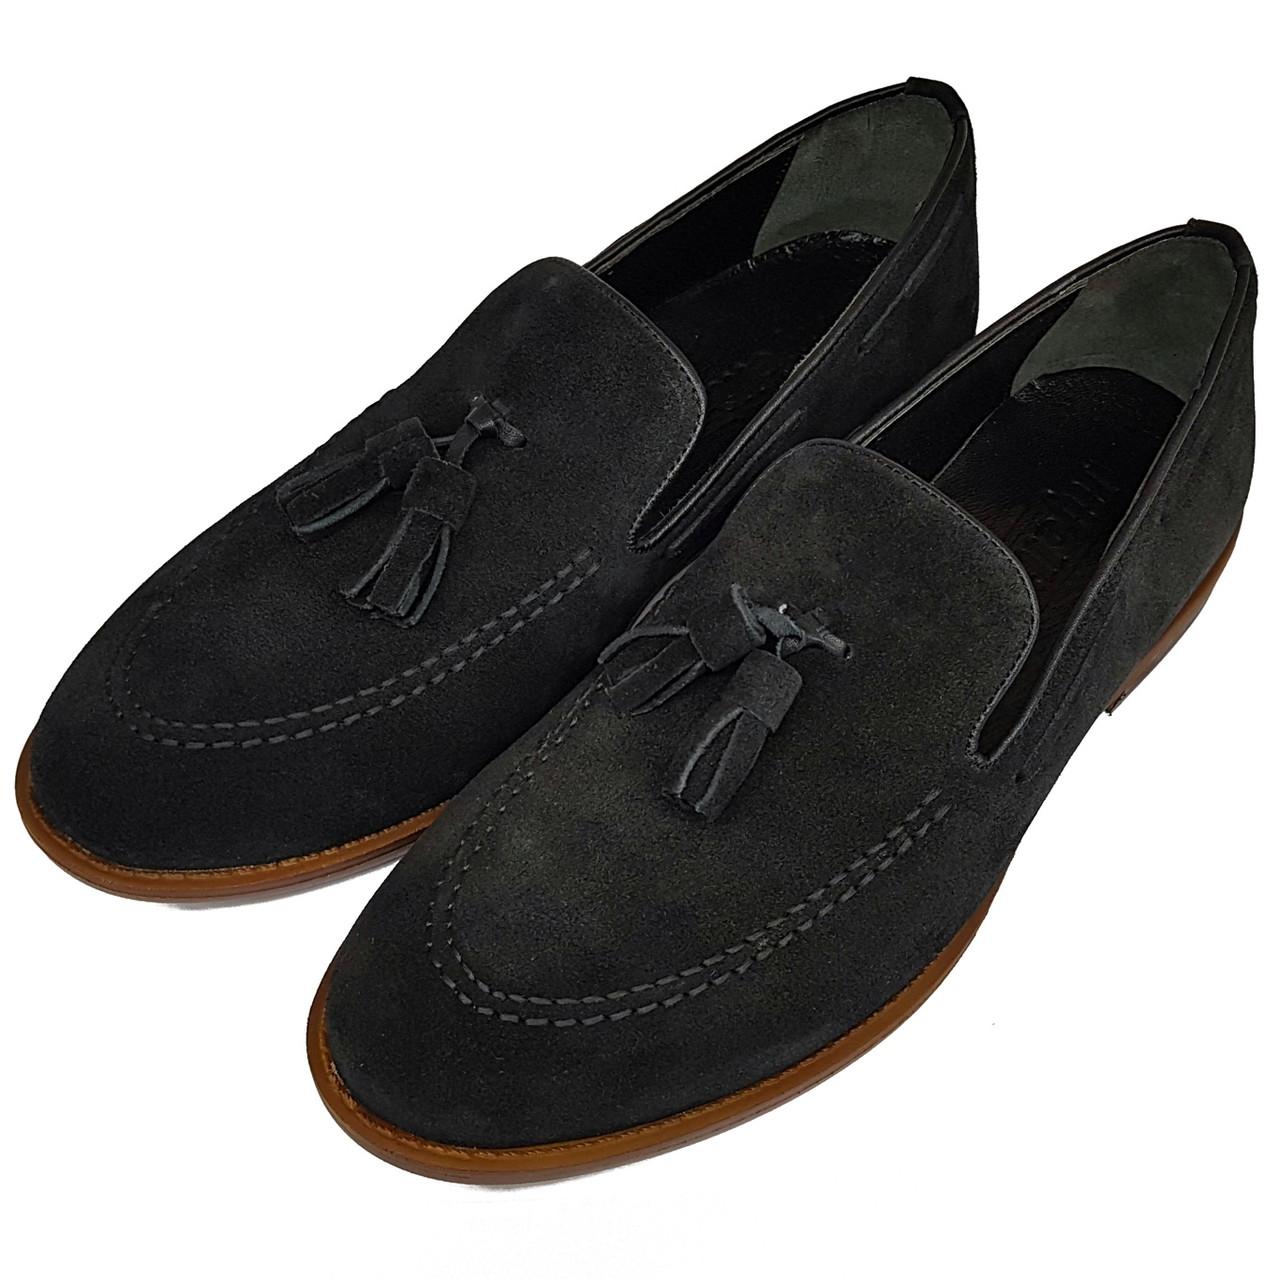 Мужские замшевые туфли лоферы с кисточками Rifellini черные L0010/10